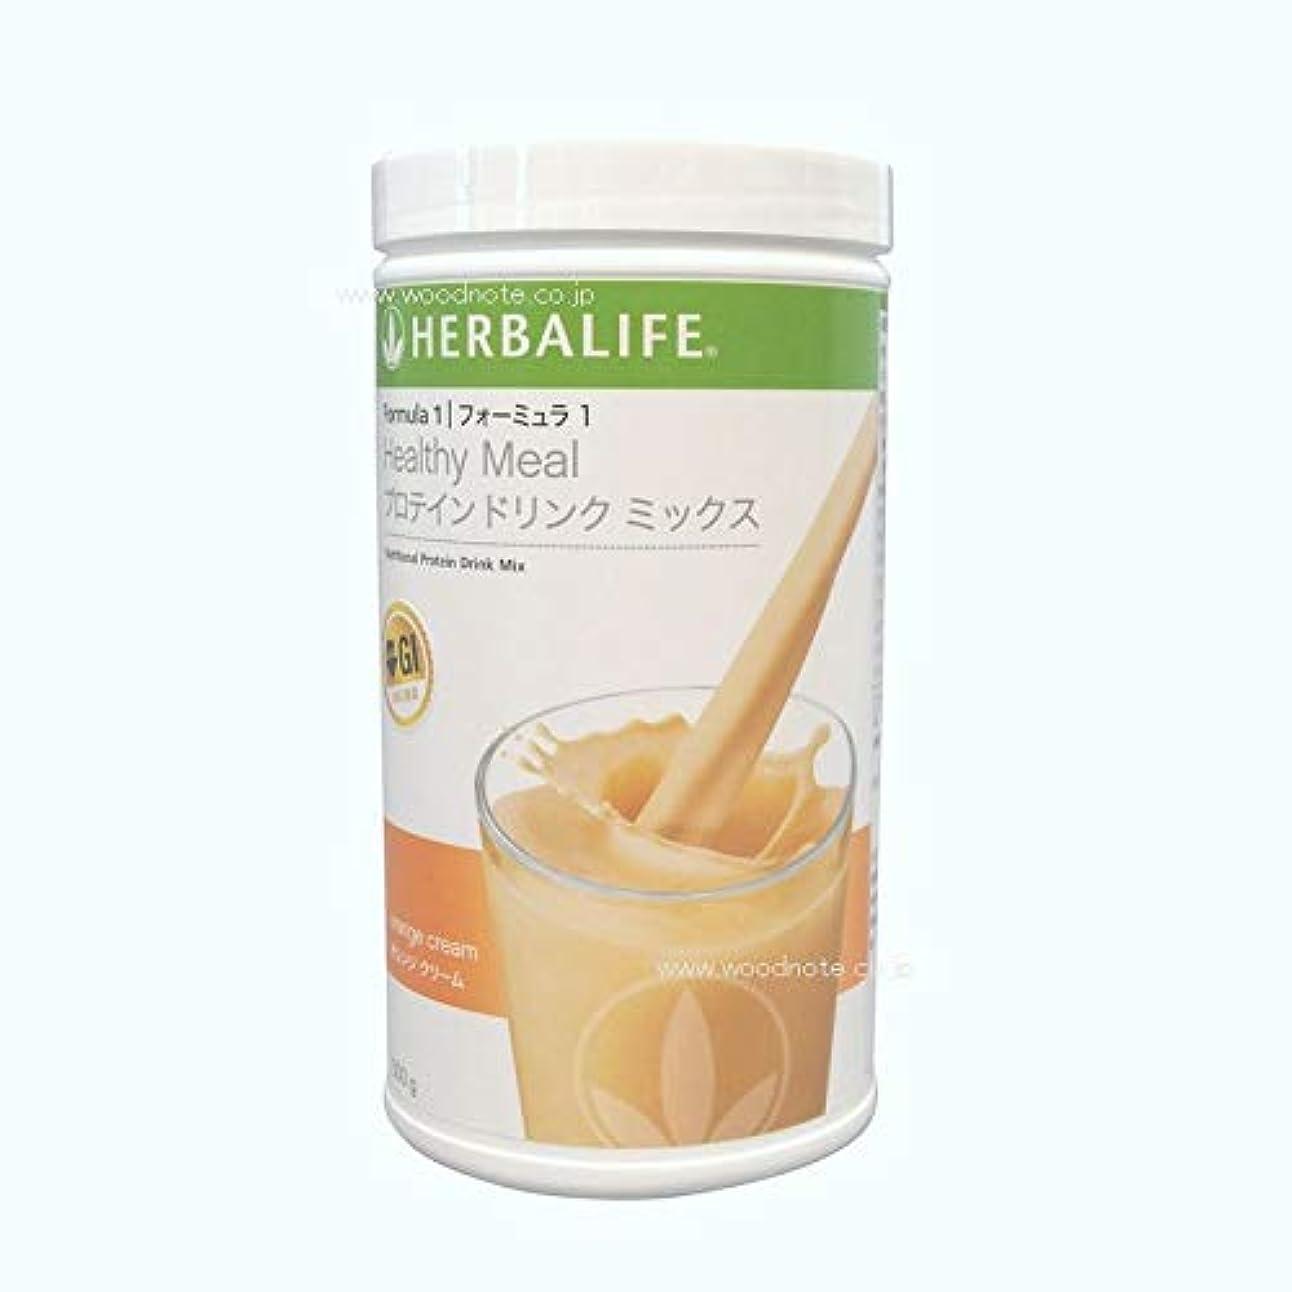 アラブサラボペパーミント嫌いハーバライフ HERBALIFE フォーミュラ1プロテインドリンクミックス オレンジクリーム味